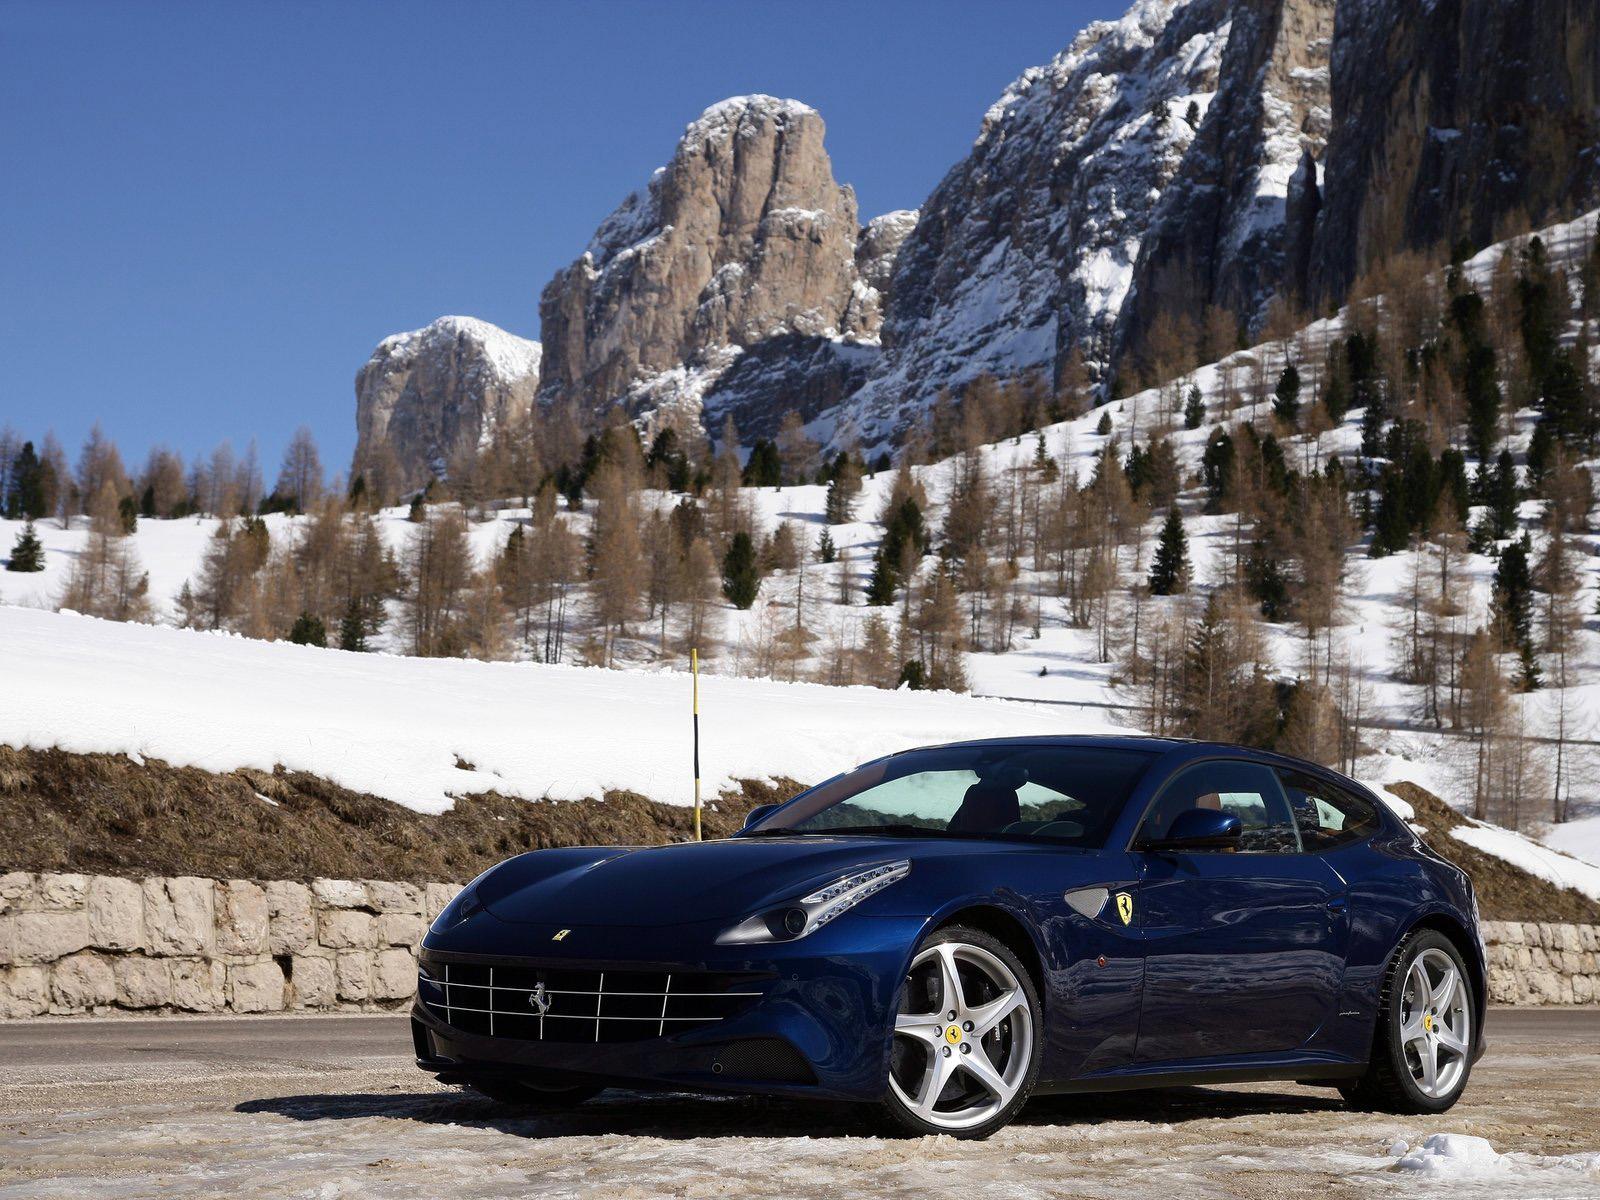 Blue Ferrari Ff >> Car Pictures: Ferrari FF 2012 Blue